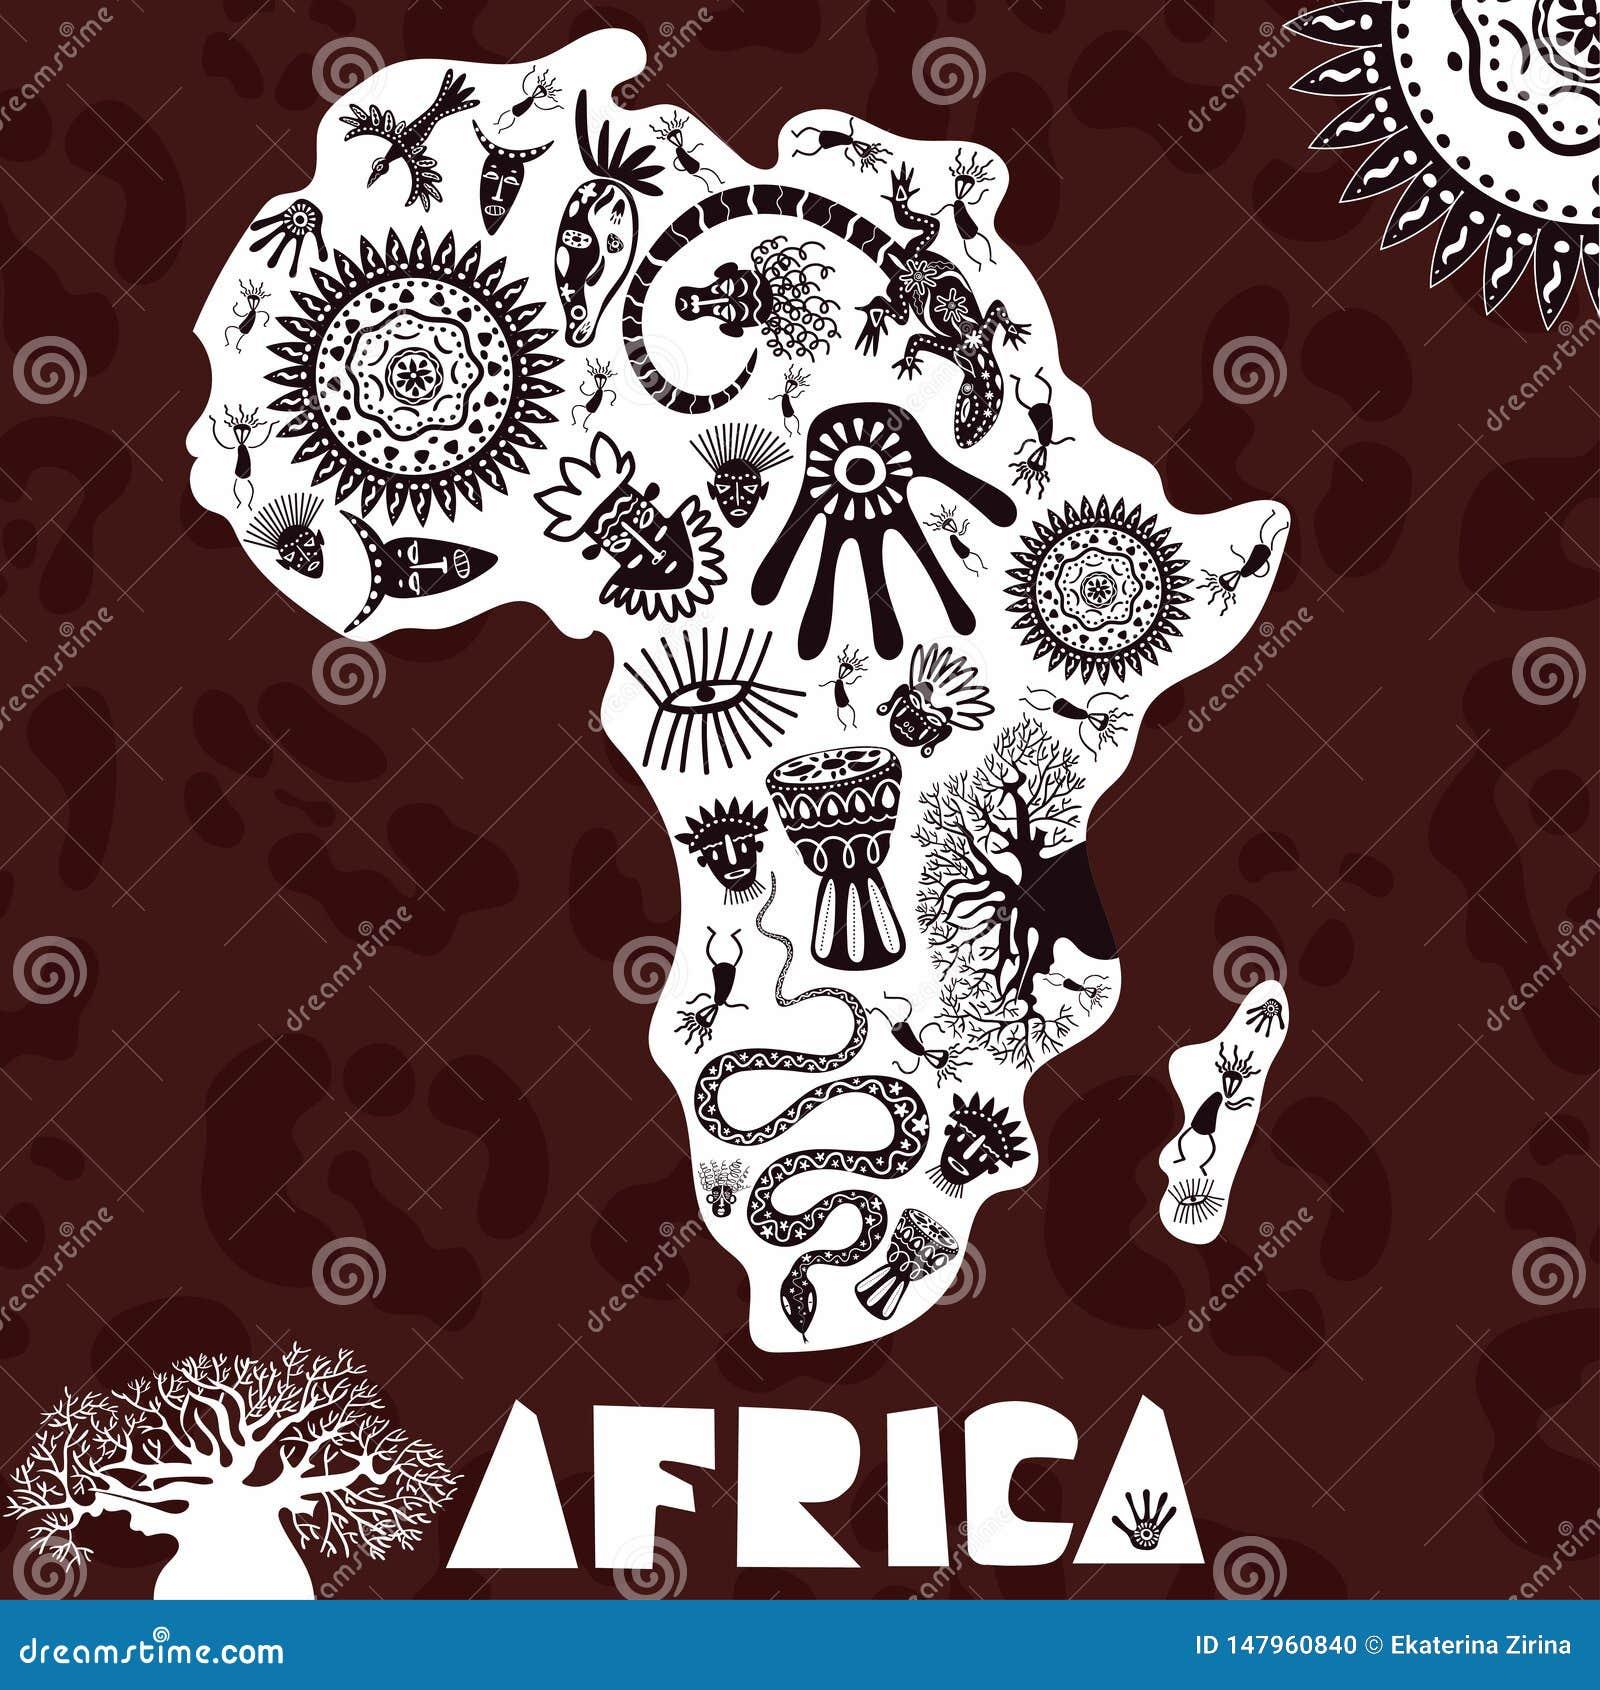 Vektorkarte von Afrika mit ethno Muster, Stammes- Hintergrund Vektorillustration von Afrika auf Pantherhauthintergrund